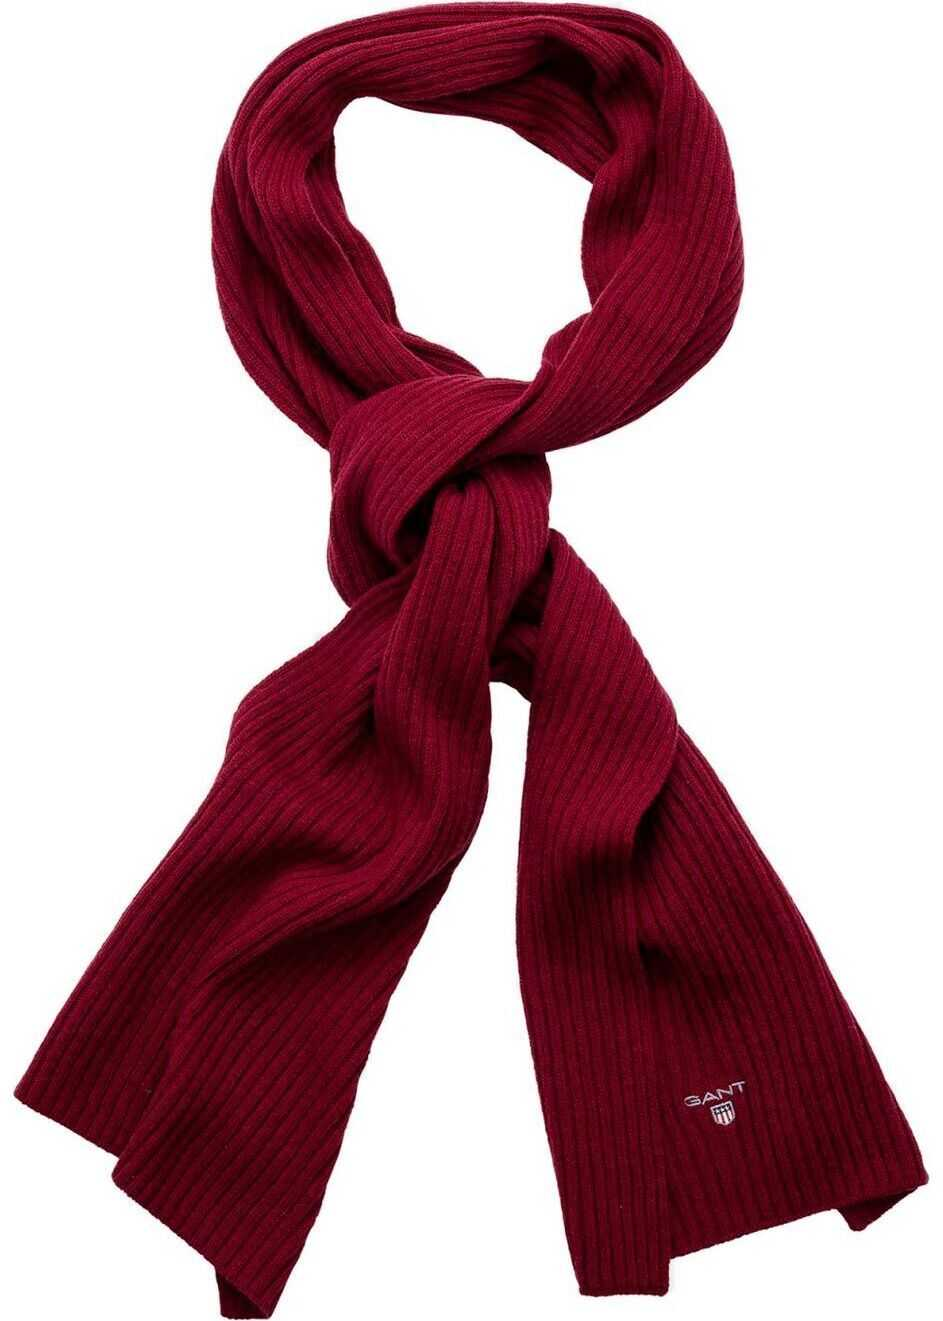 GANT Wool Scarf RED